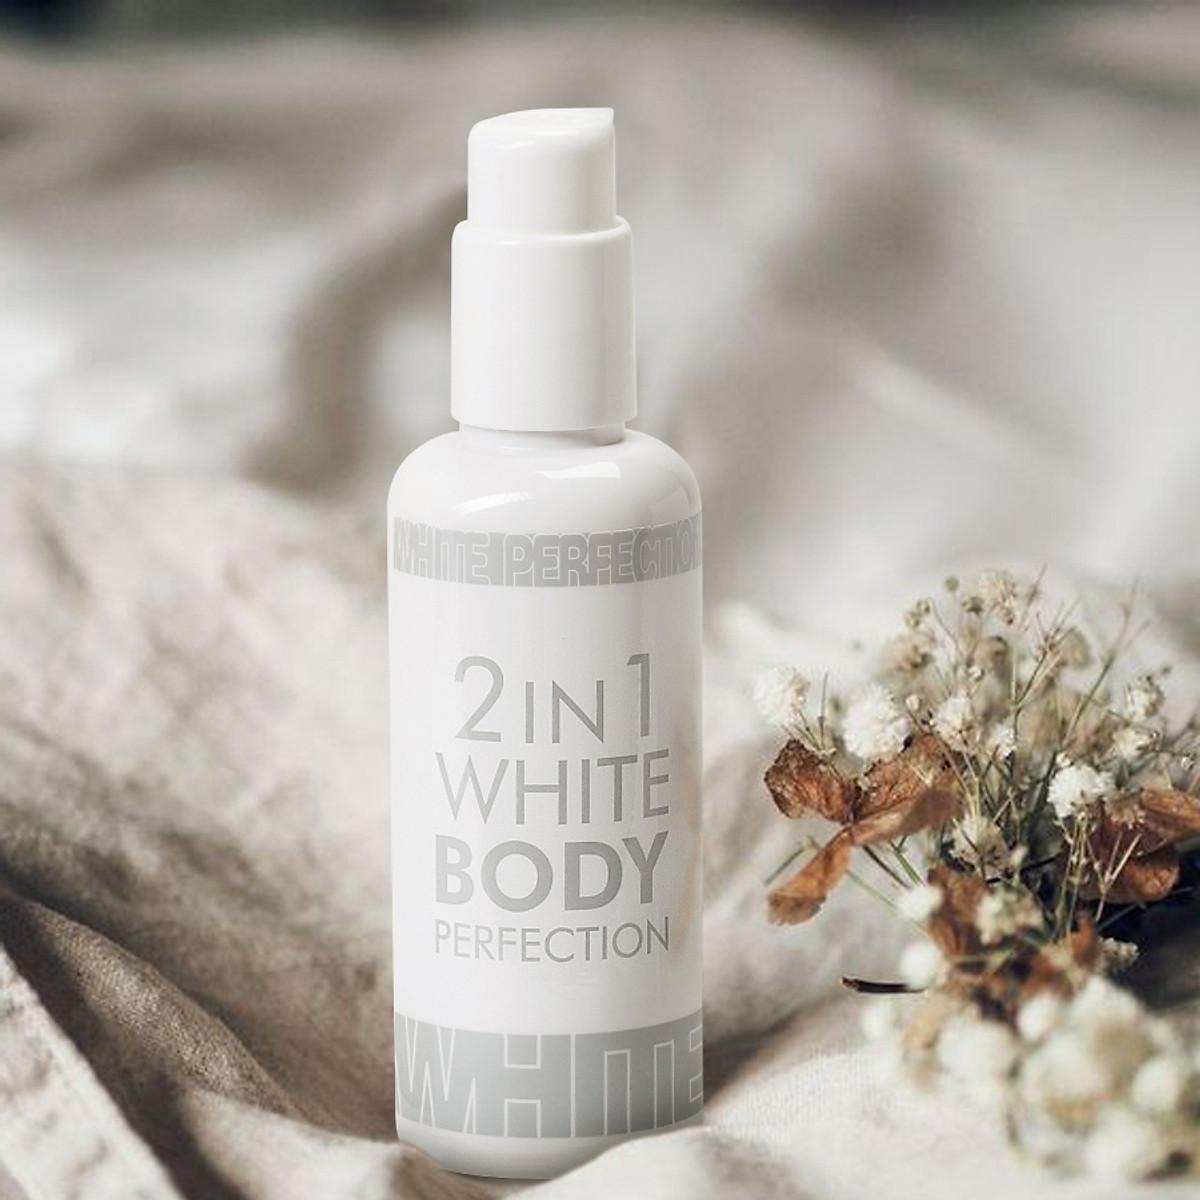 body-duong-the-trang-da-skin-barista-2-in-1-white-body-perfection-han-quoc-2368